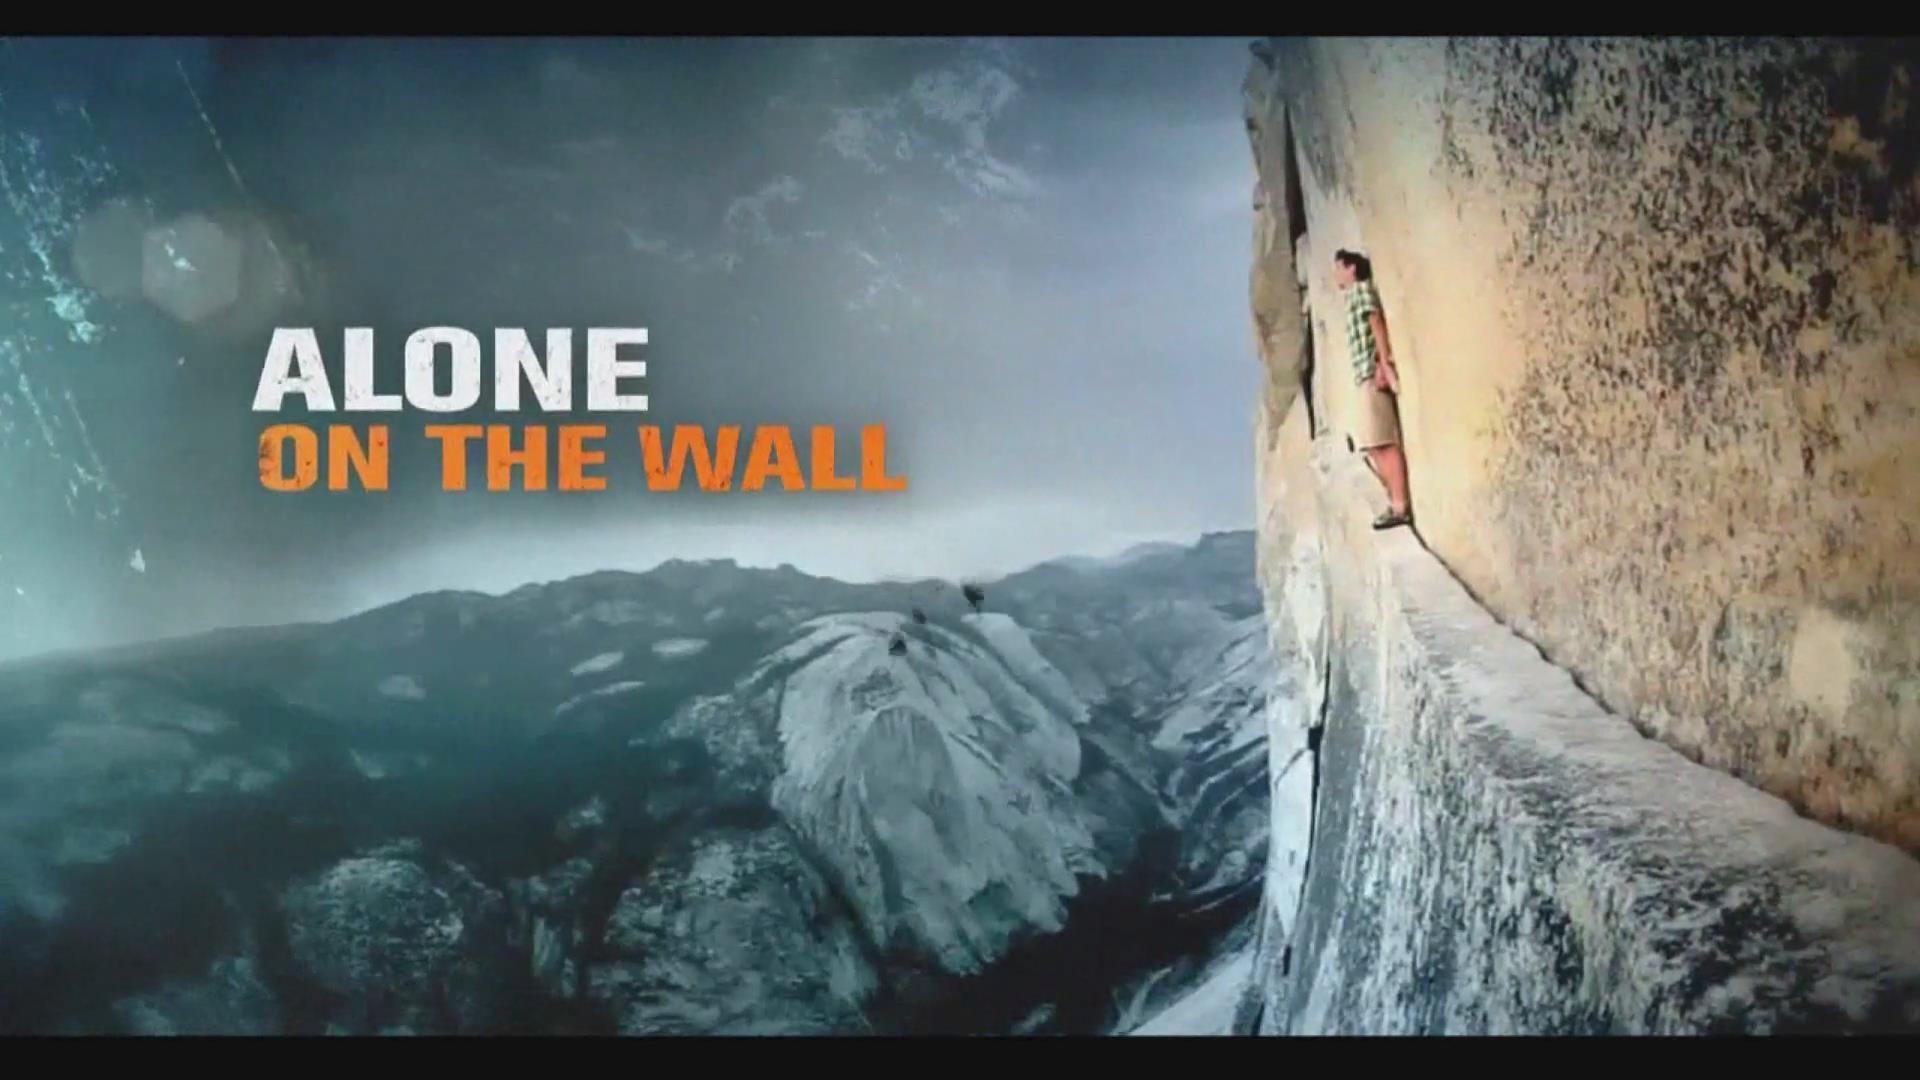 国外精彩徒手攀岩!